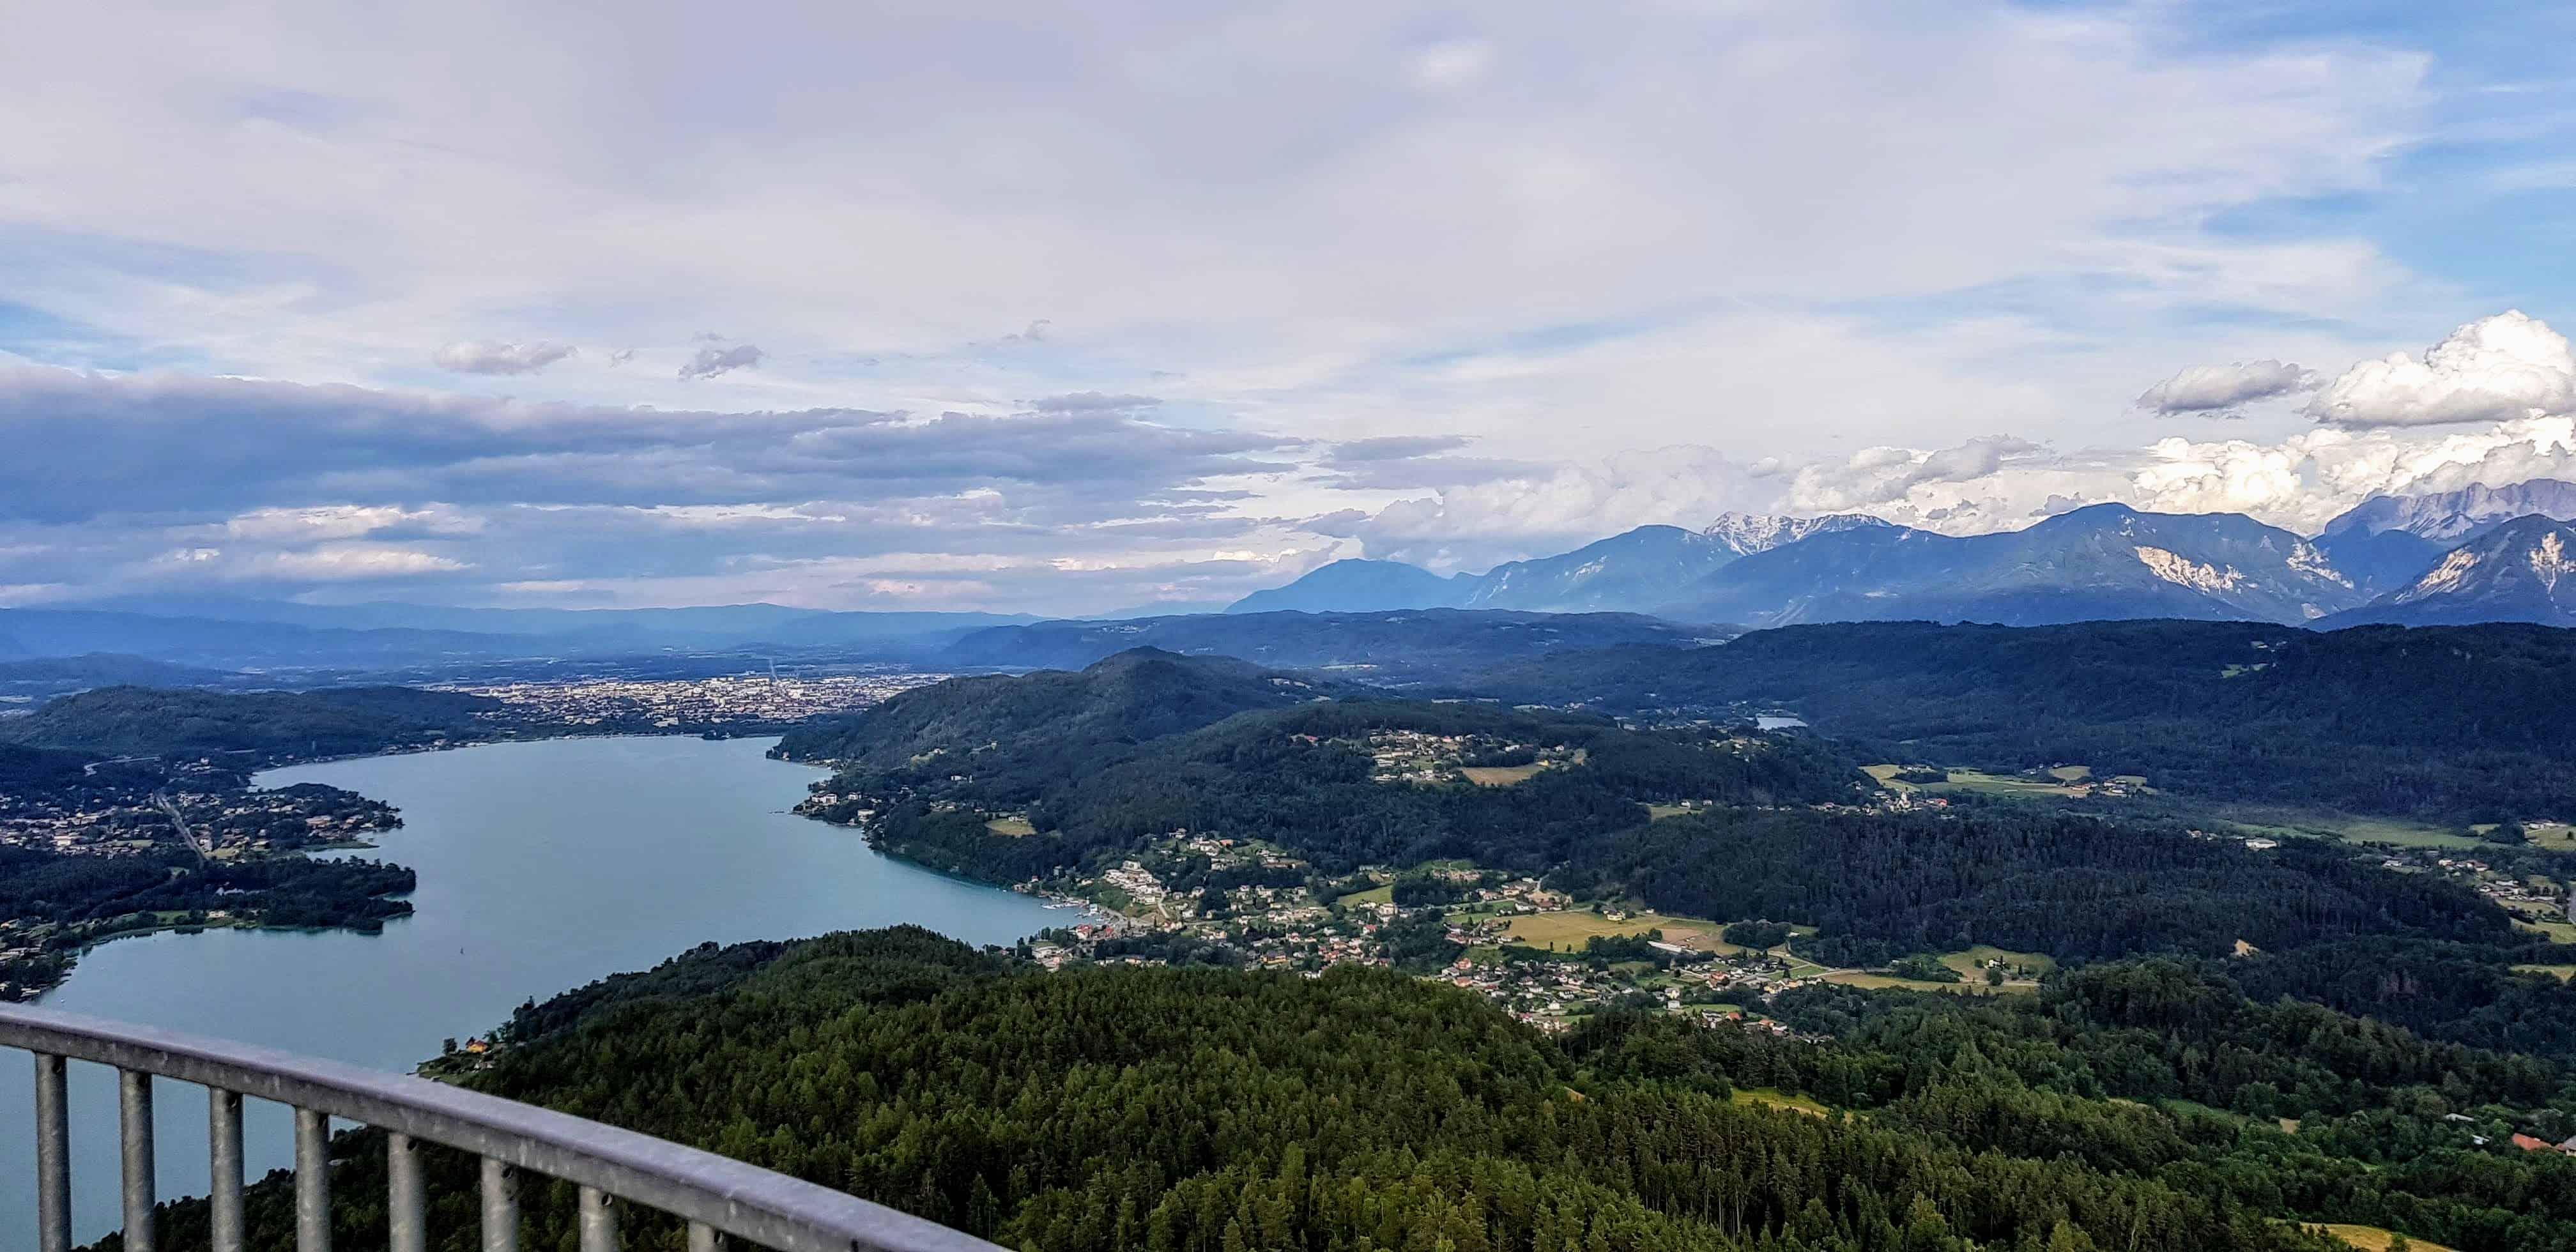 Aussicht und Blick auf den Wörthersee auf der Sehenswürdigkeit Pyramidenkogel in Kärnten.